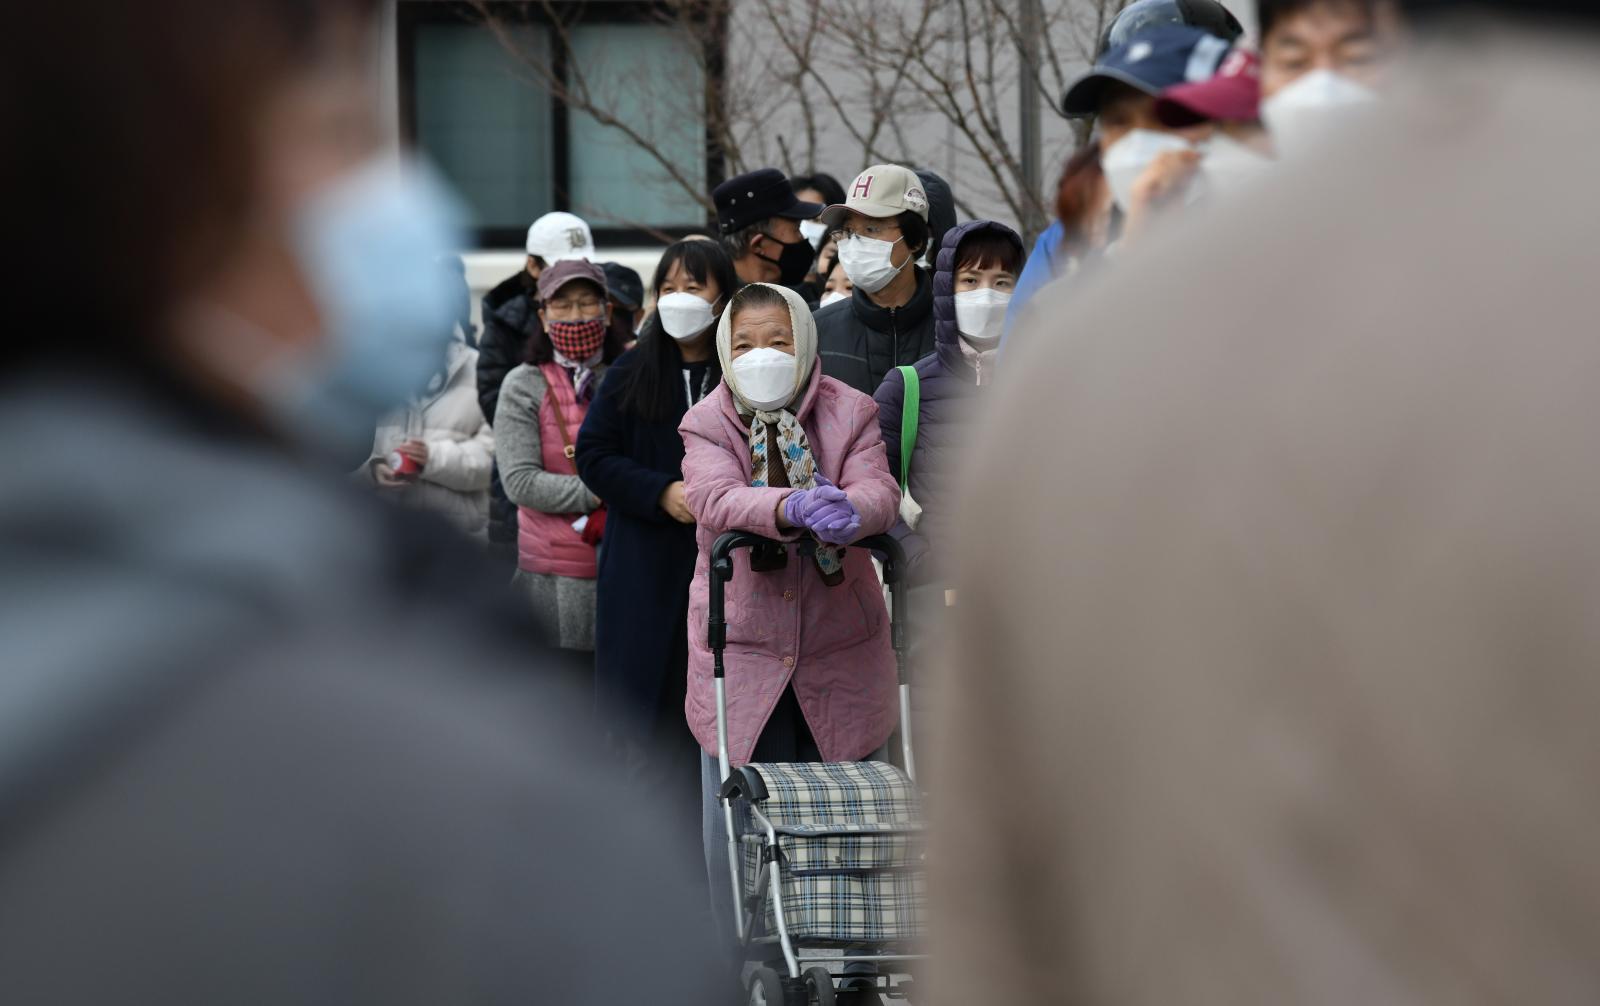 จีนเล็งปลดล็อกดาวน์-เร่งฟื้นฟูเศรษฐกิจ